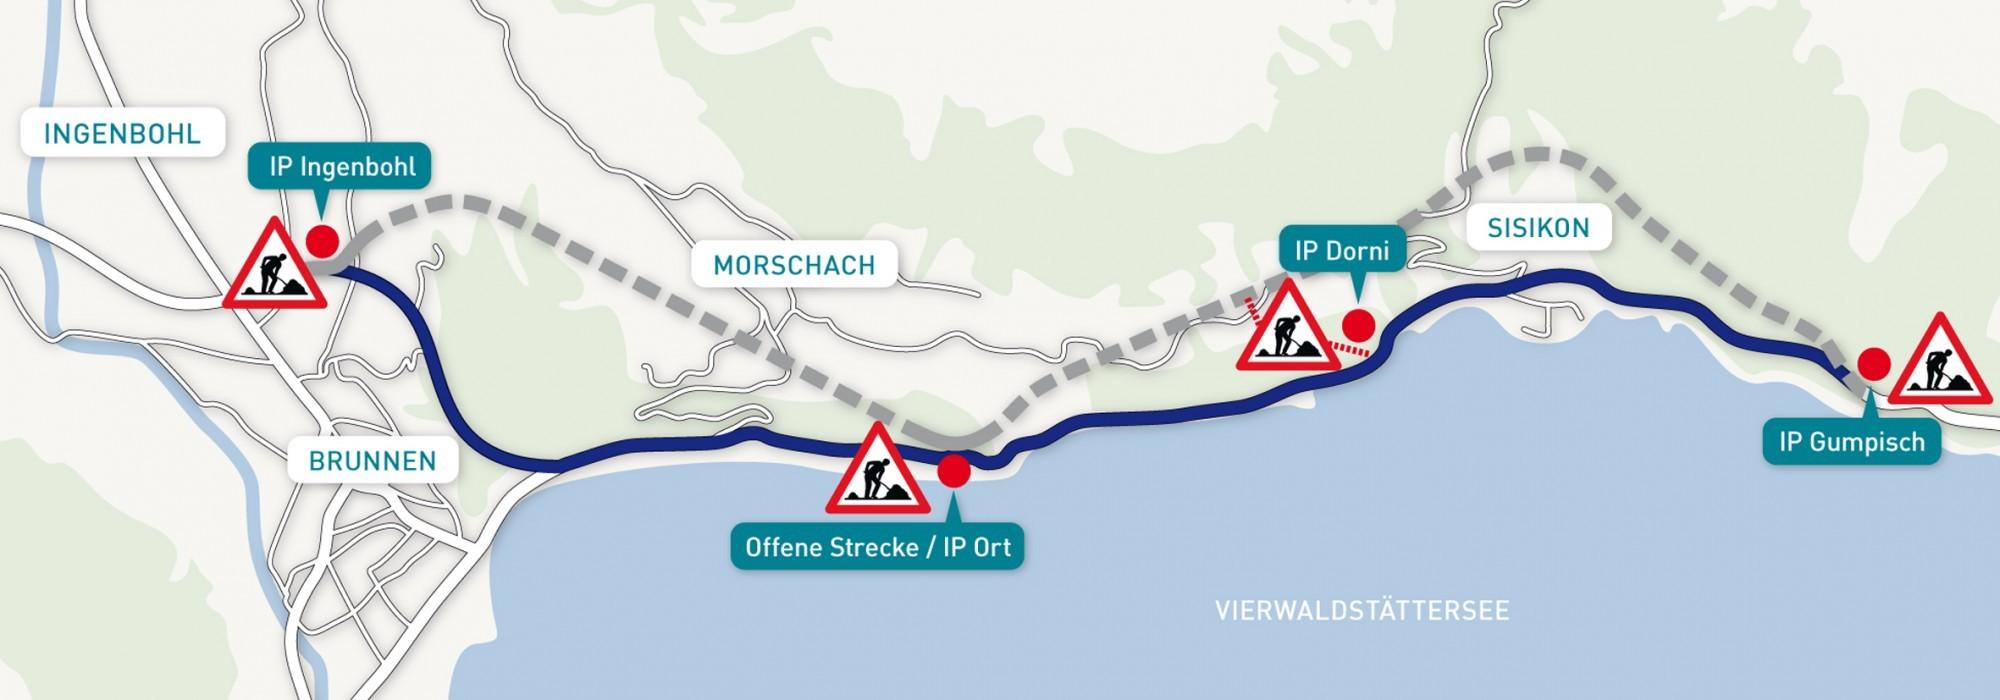 Plan_Neue_Axenstrasse_Bauphase_IPs